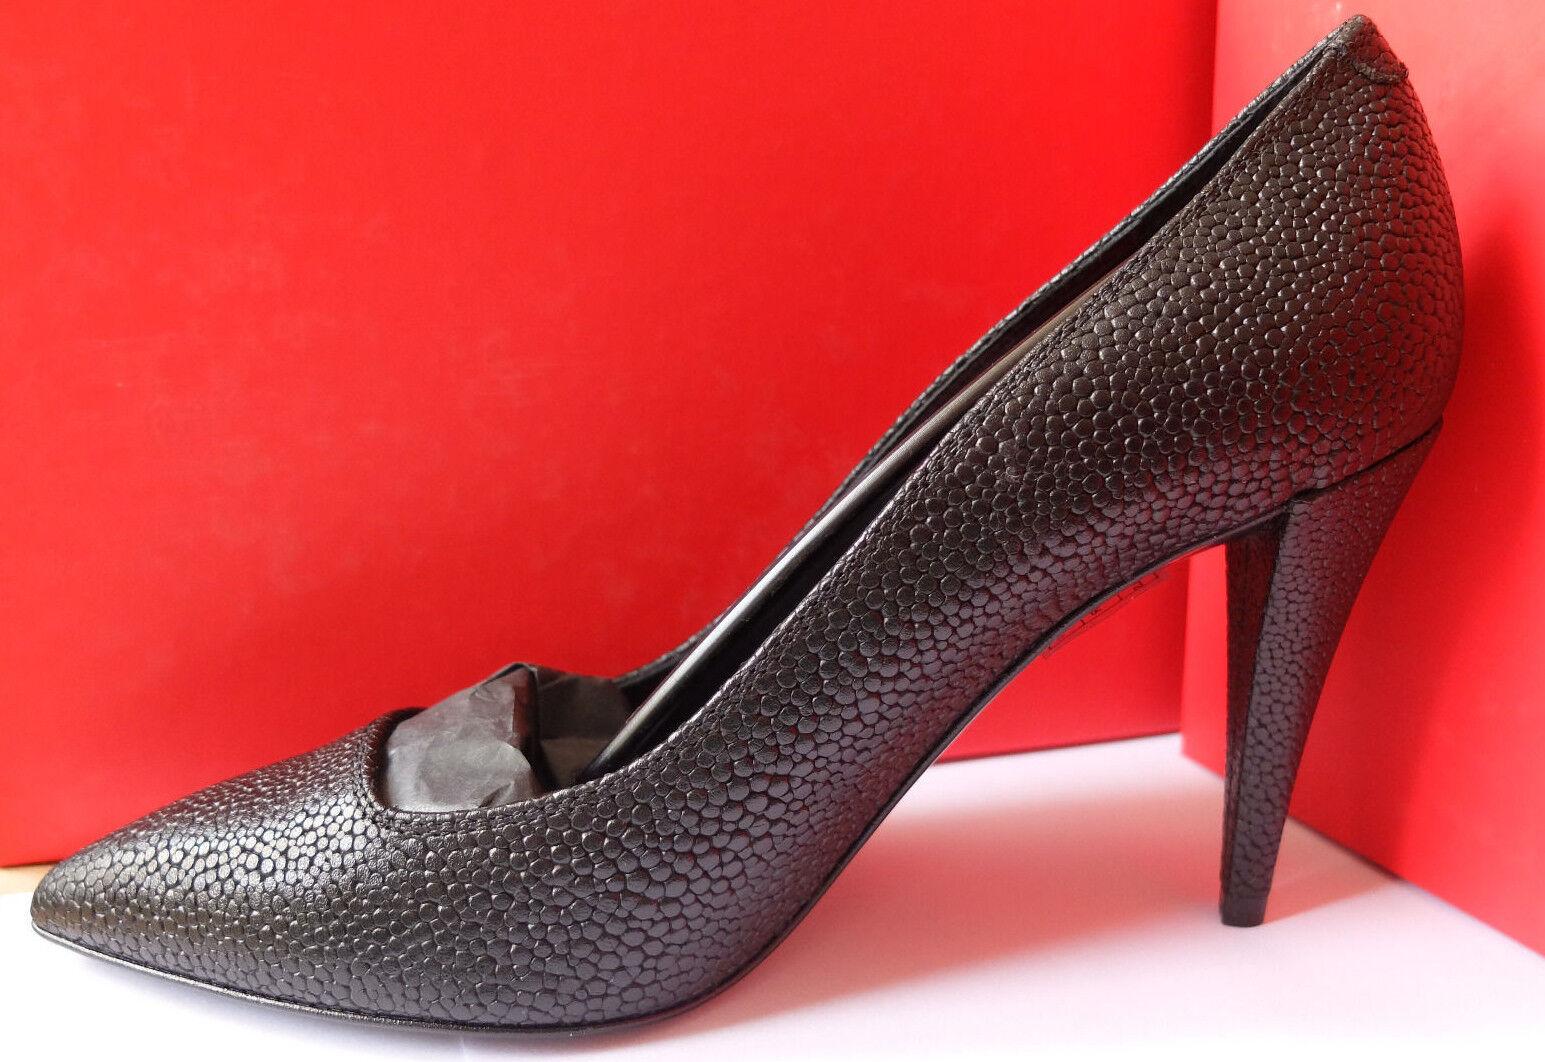 Hugo Boss Boss Boss Zapatos de mujer siria-R tamaño 3UK (36EU) - Hecho en Italia  punto de venta en línea